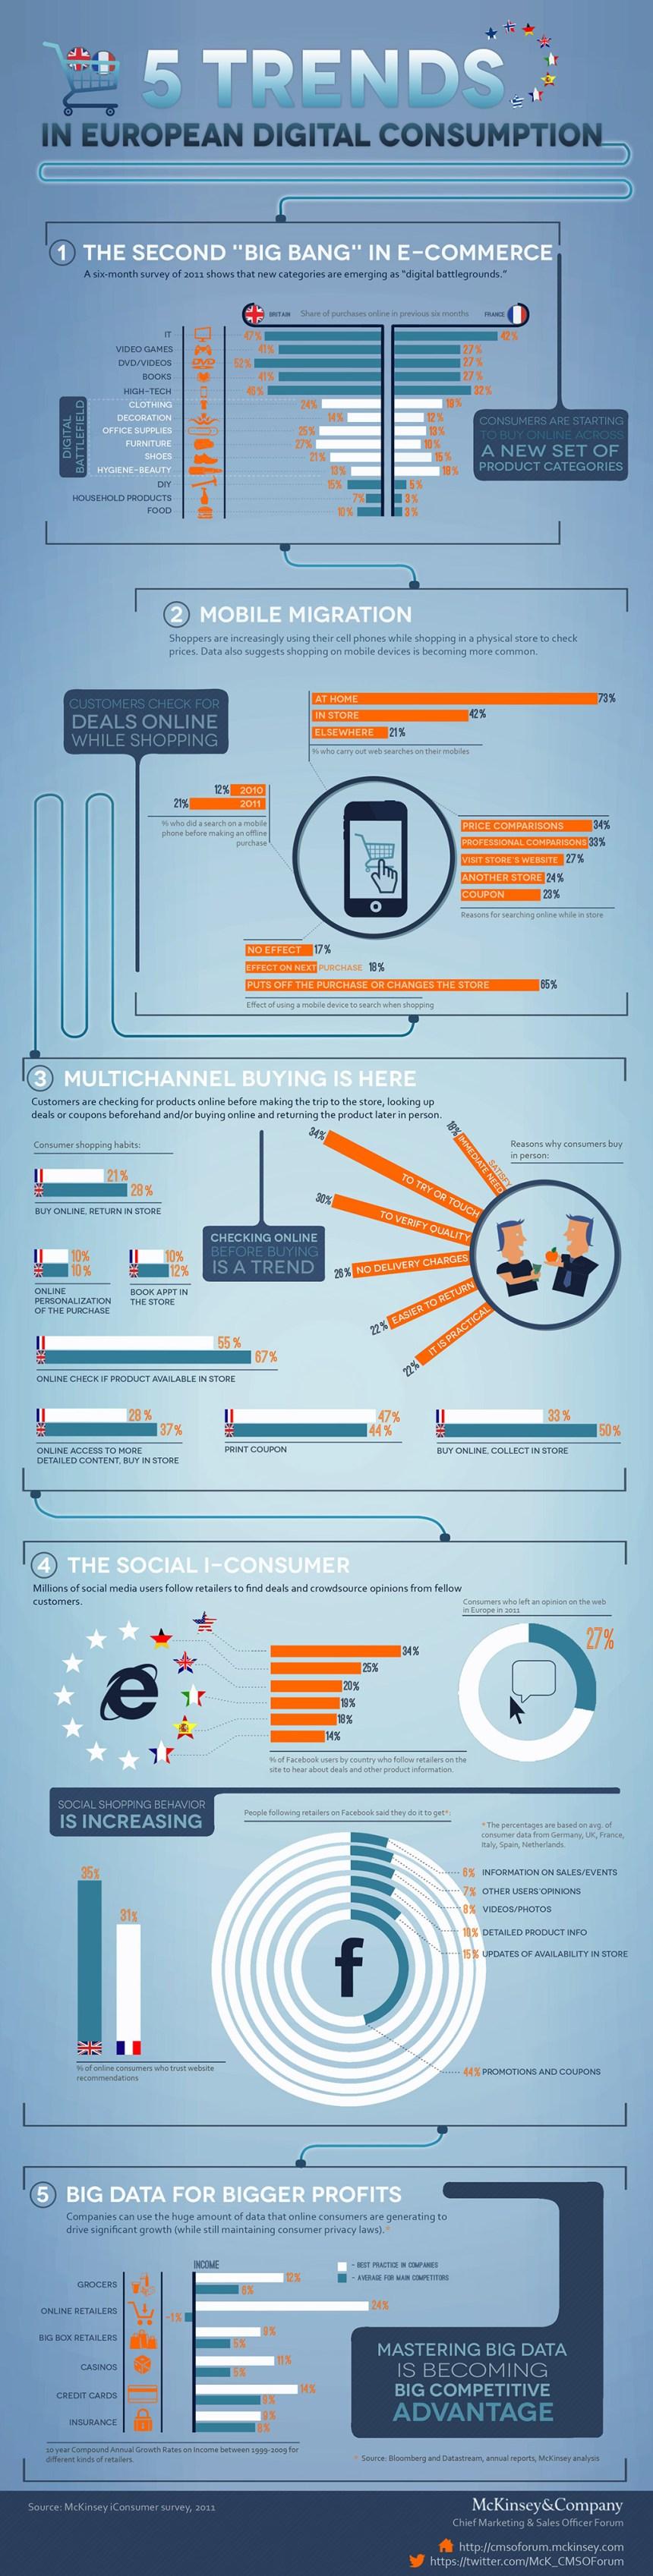 5 tendencias de consumo digital en Europa